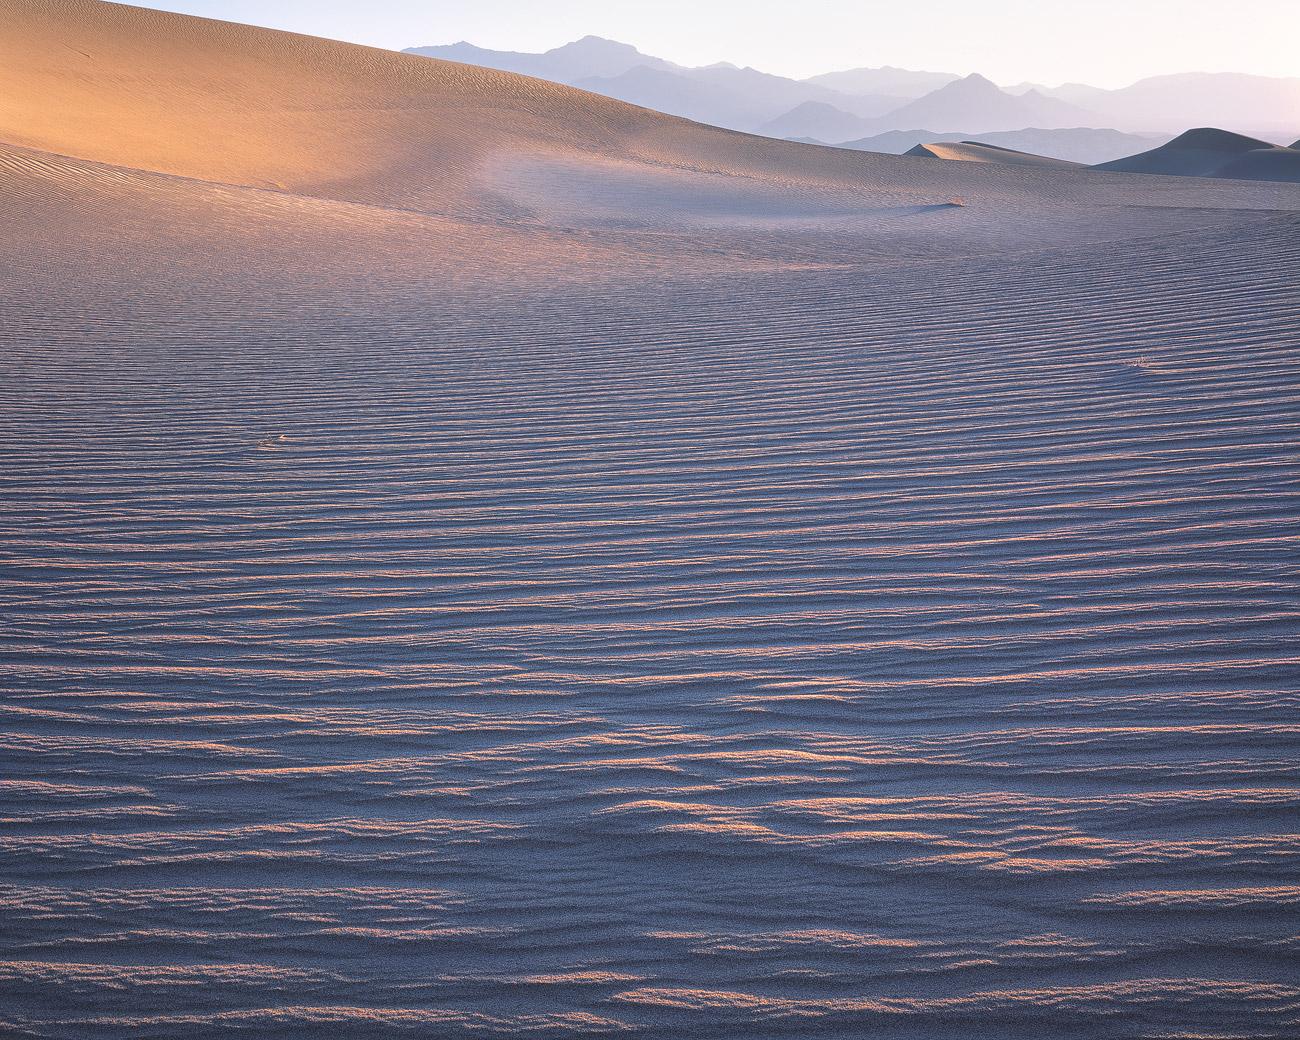 Mesquite Sanddünen, Death Valley, Kalifornien.